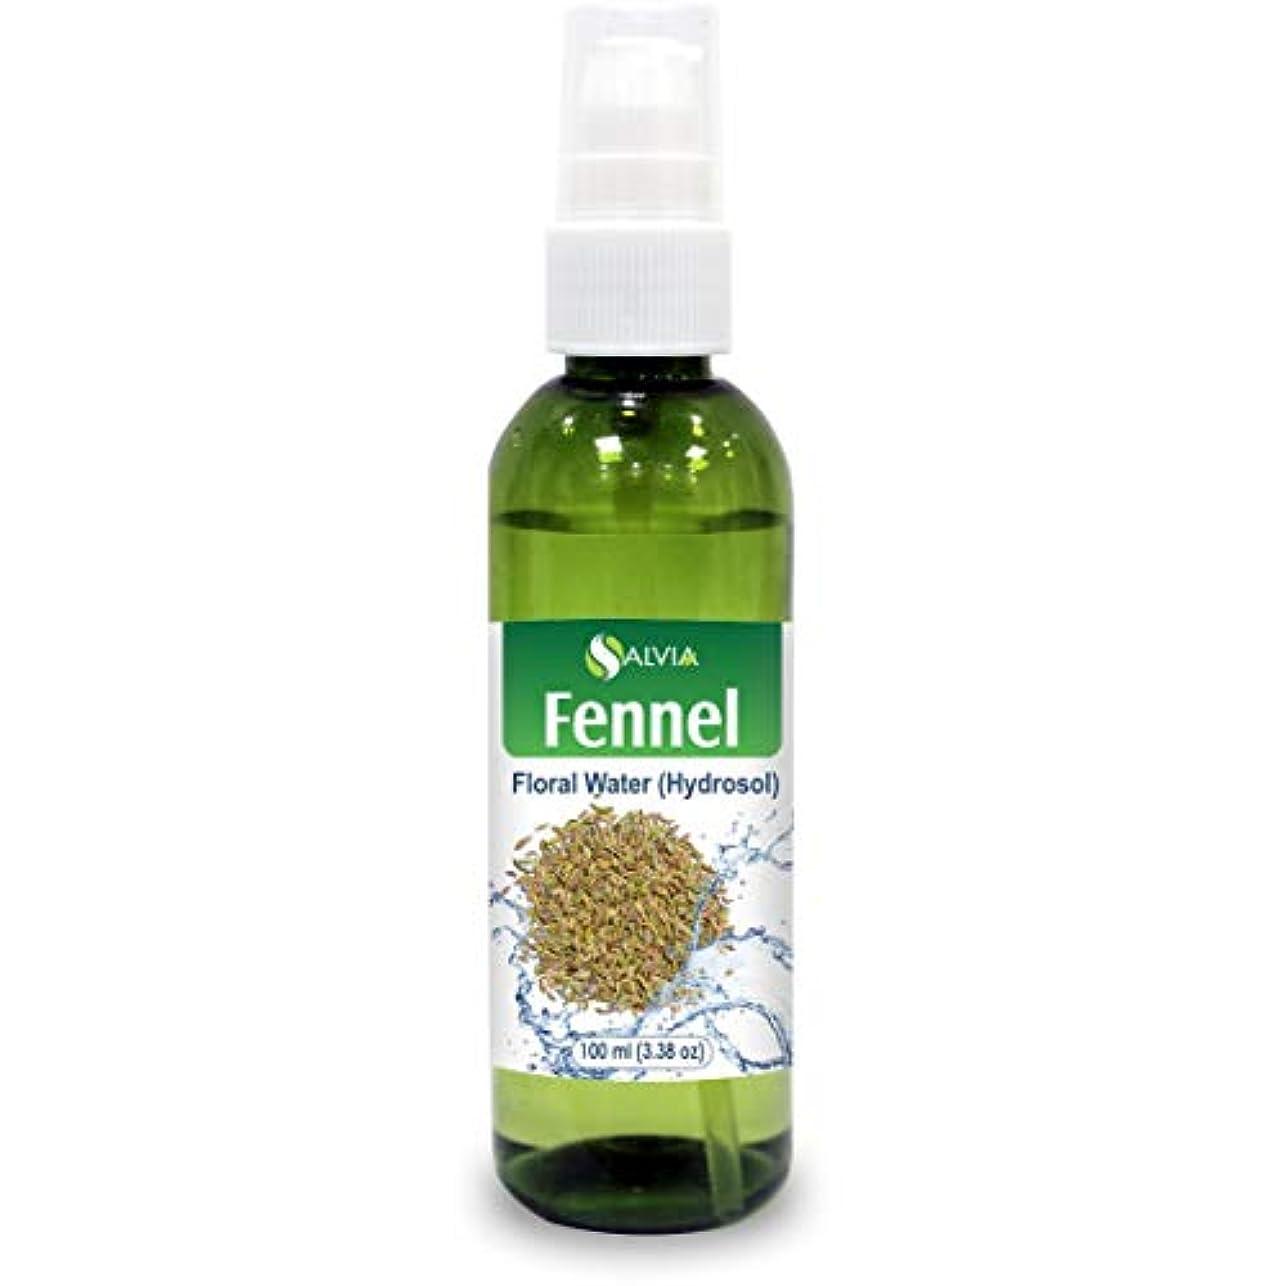 レコーダー石炭うなるFennel Floral Water 100ml (Hydrosol) 100% Pure And Natural